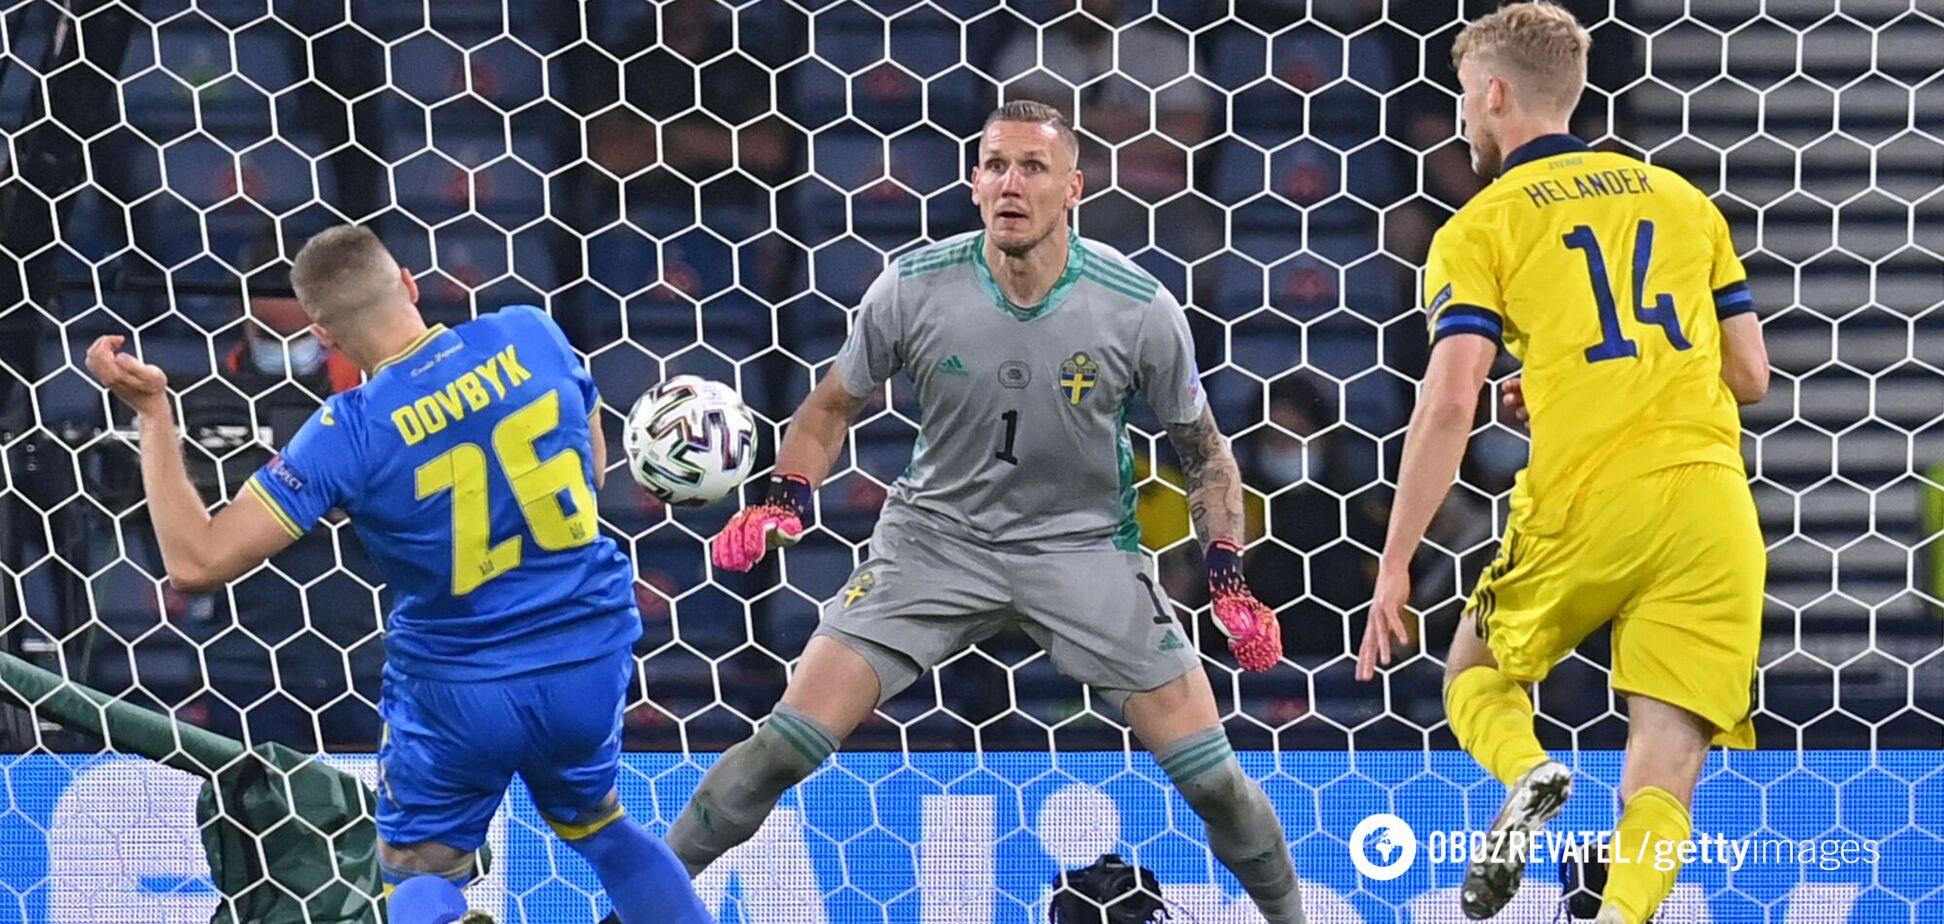 Україна вийшла до 1/4 фіналу Євро-2020: 15+ фото, які показують усі емоції історичної перемоги